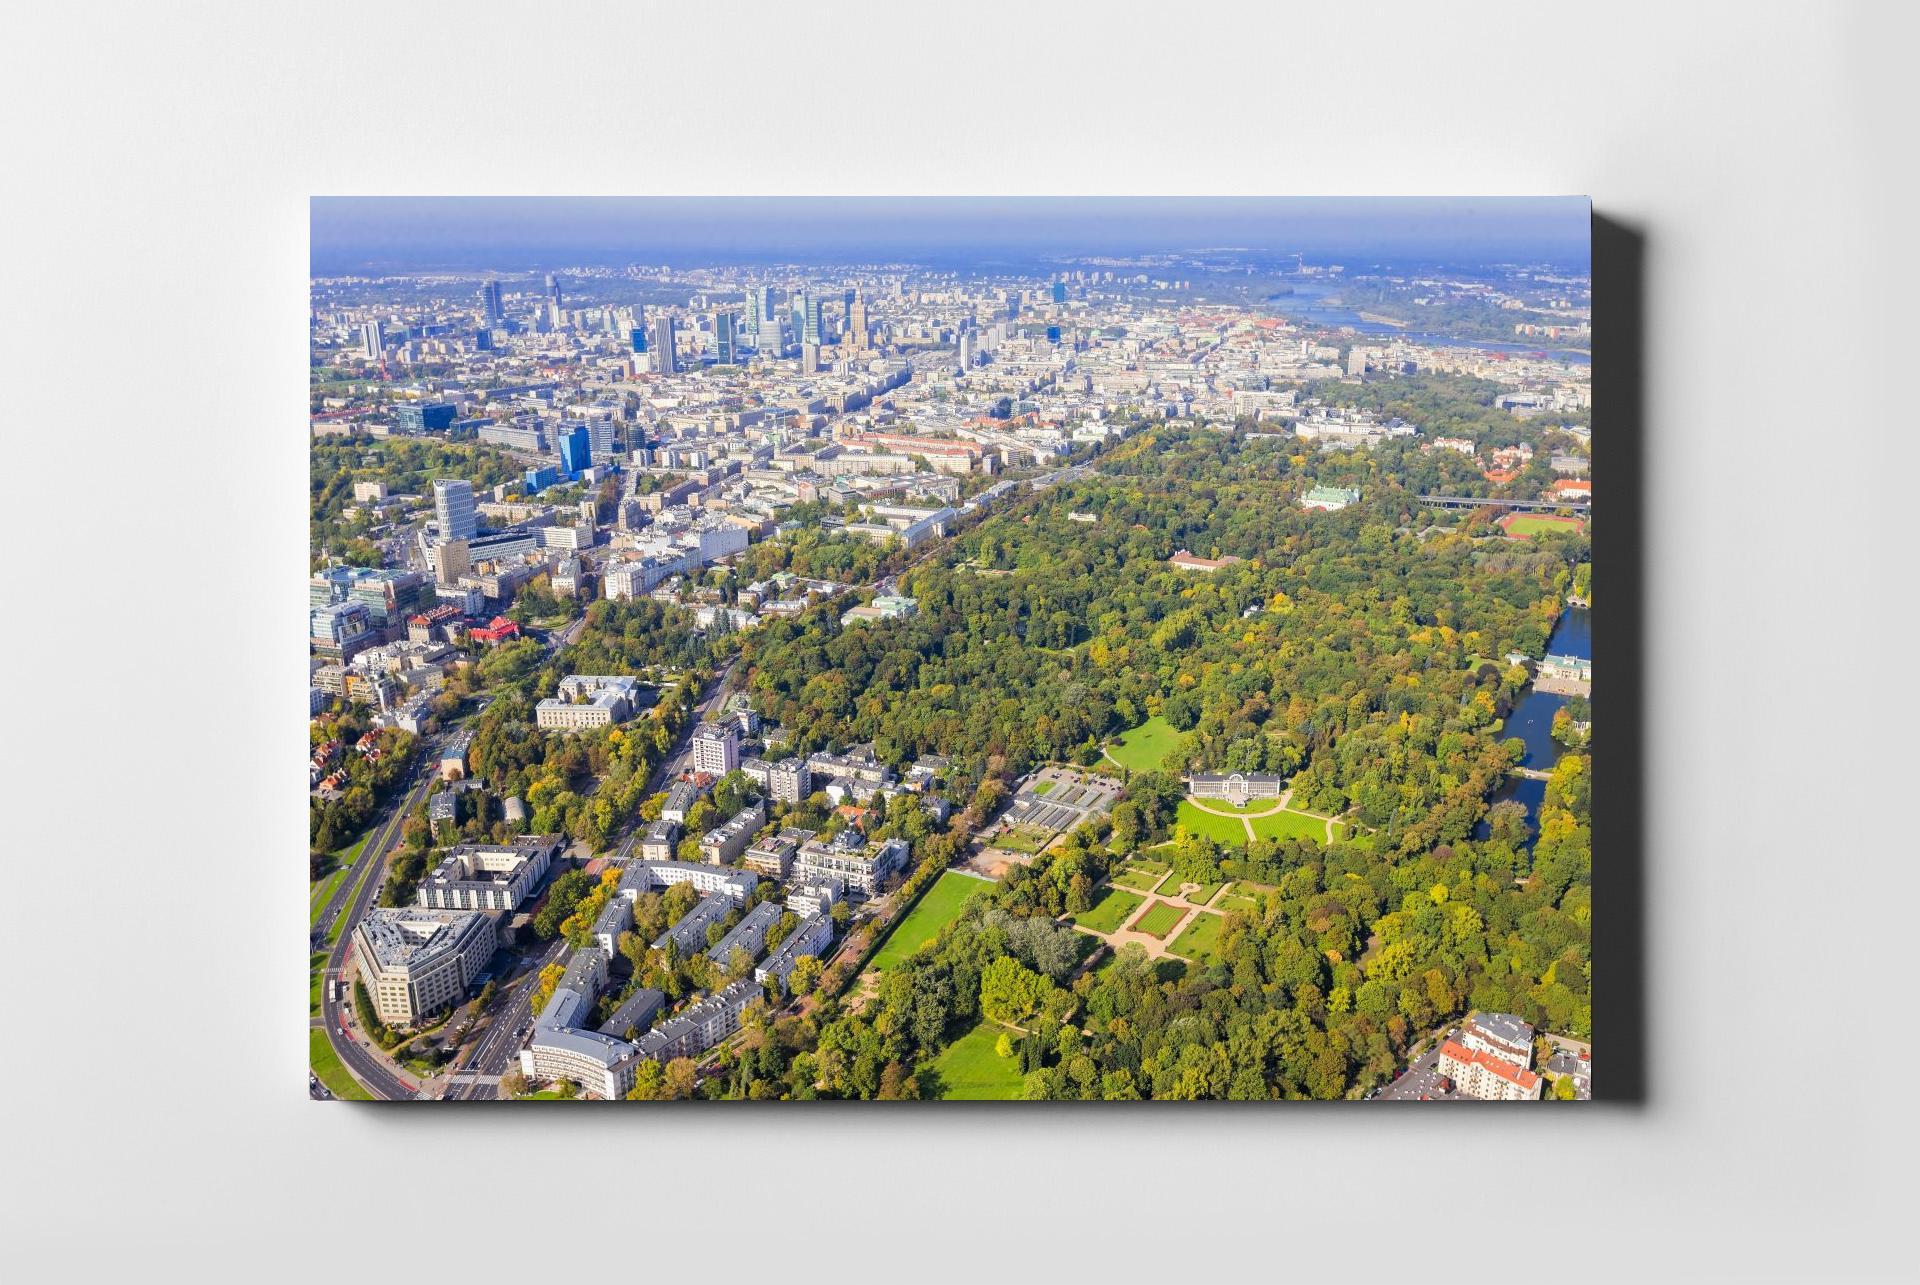 fd430dd886c1 Łazienki Królewskie Warszawa z lotu ptaka fotoobraz na płótnie POLAND ON AIR